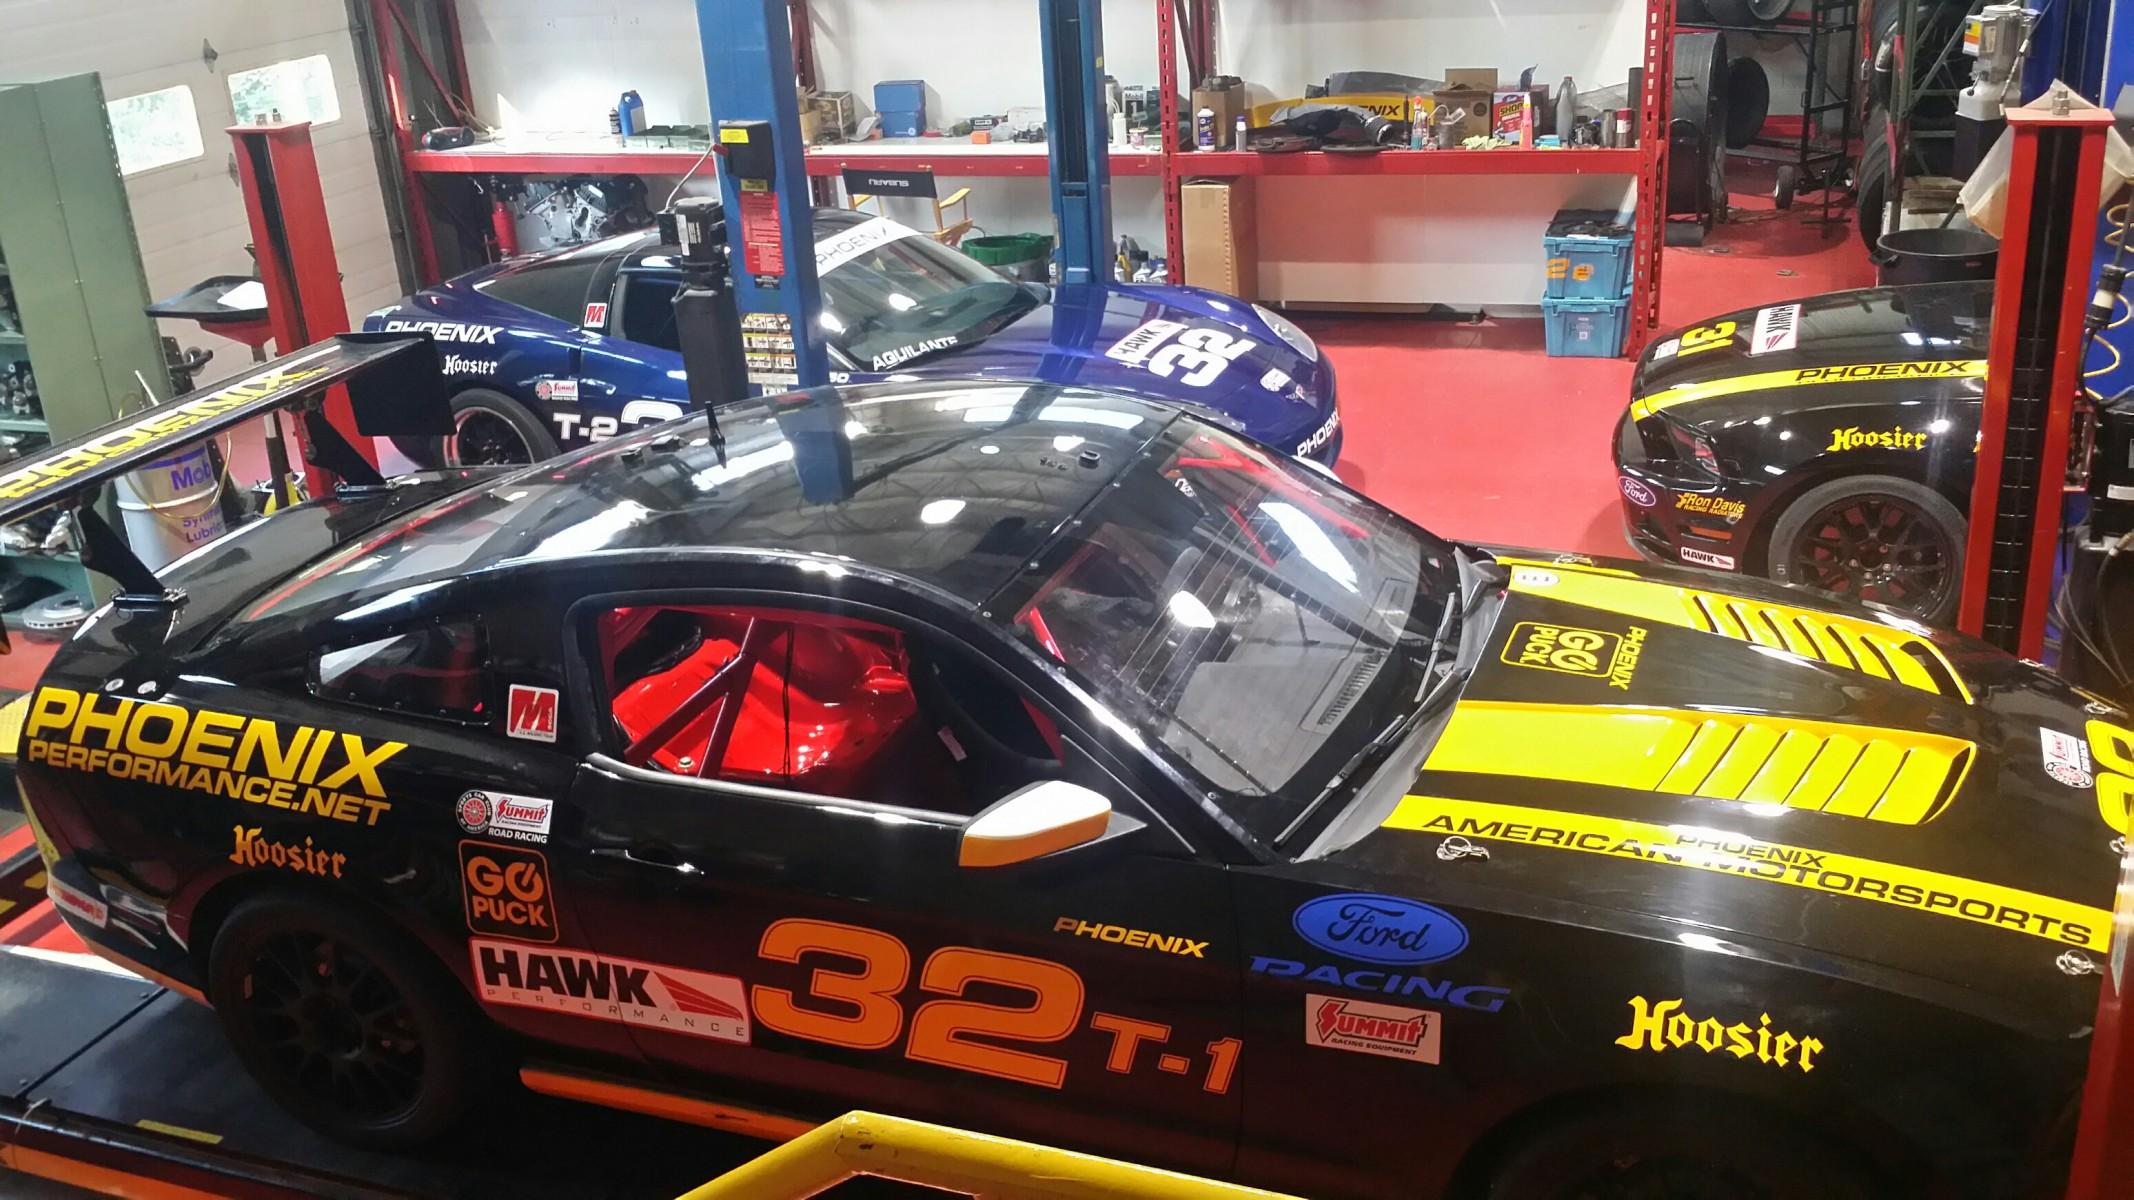 Race Pro Weekly - Boss 302 PWC/T1 Racecar for sale on Race Pro